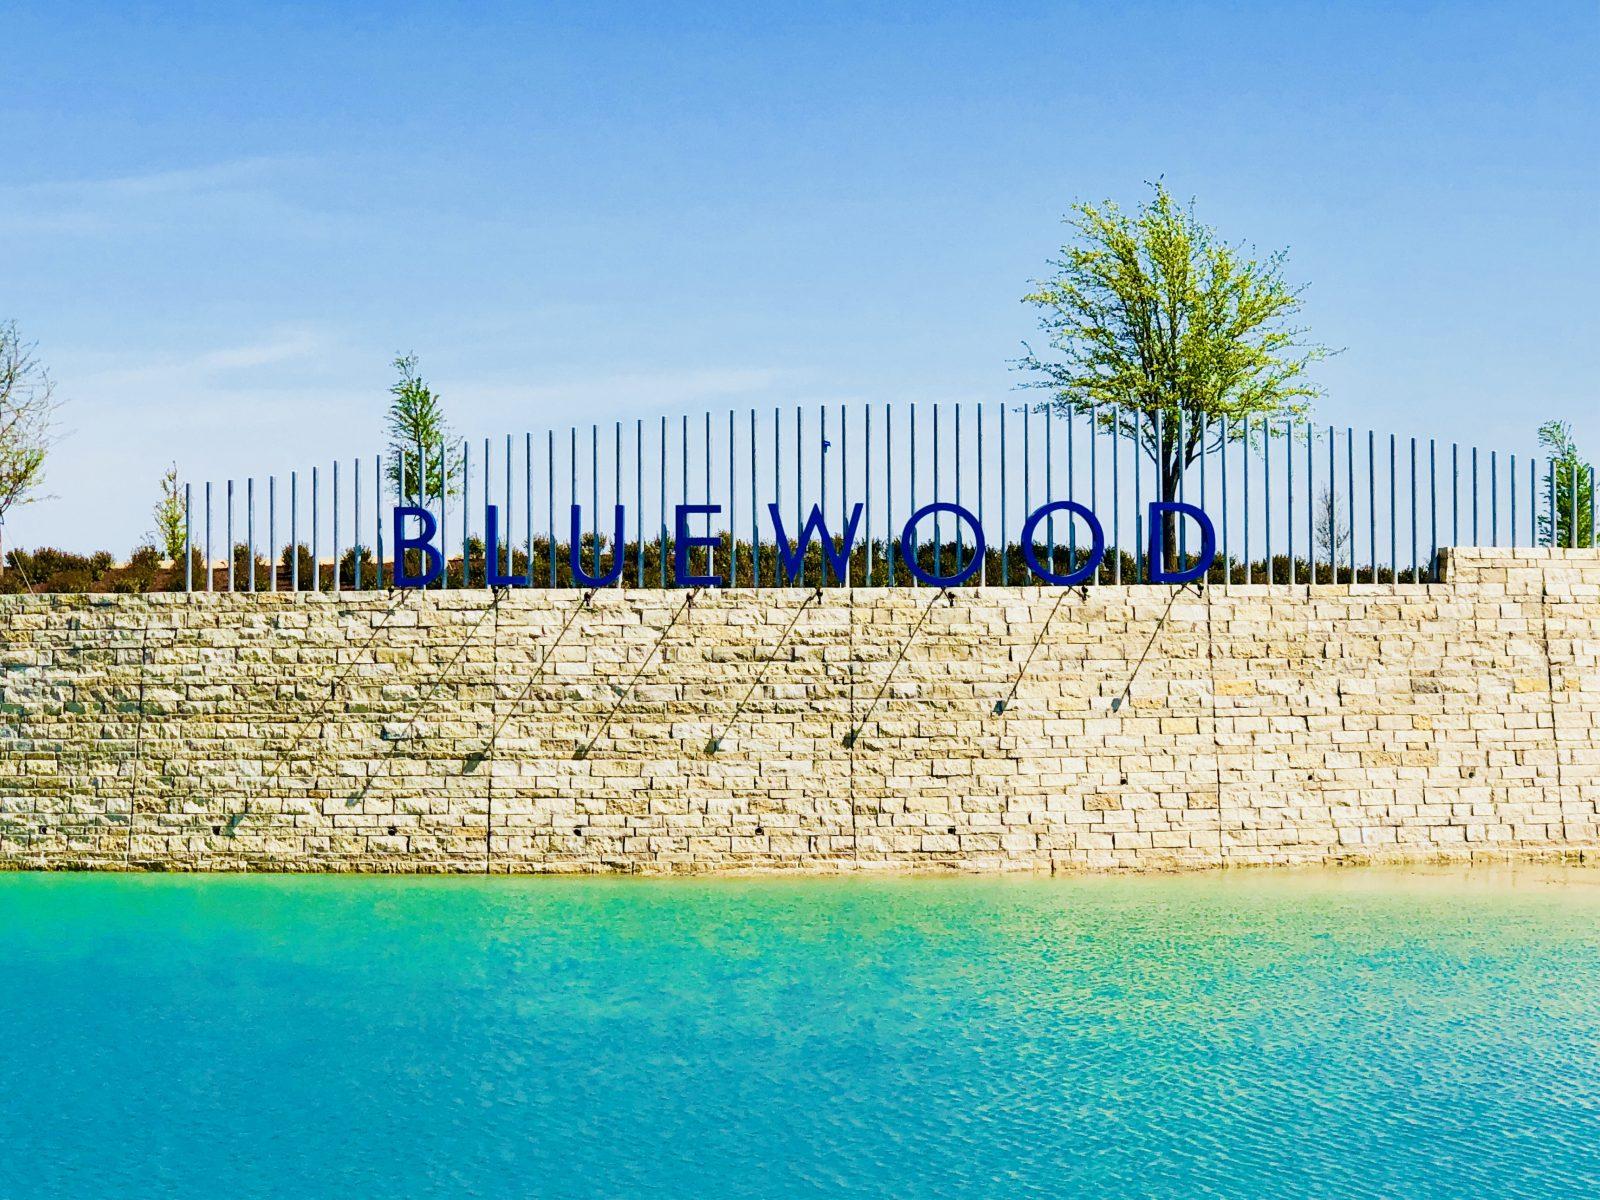 Bluewood_Celina_entrance_sign_1